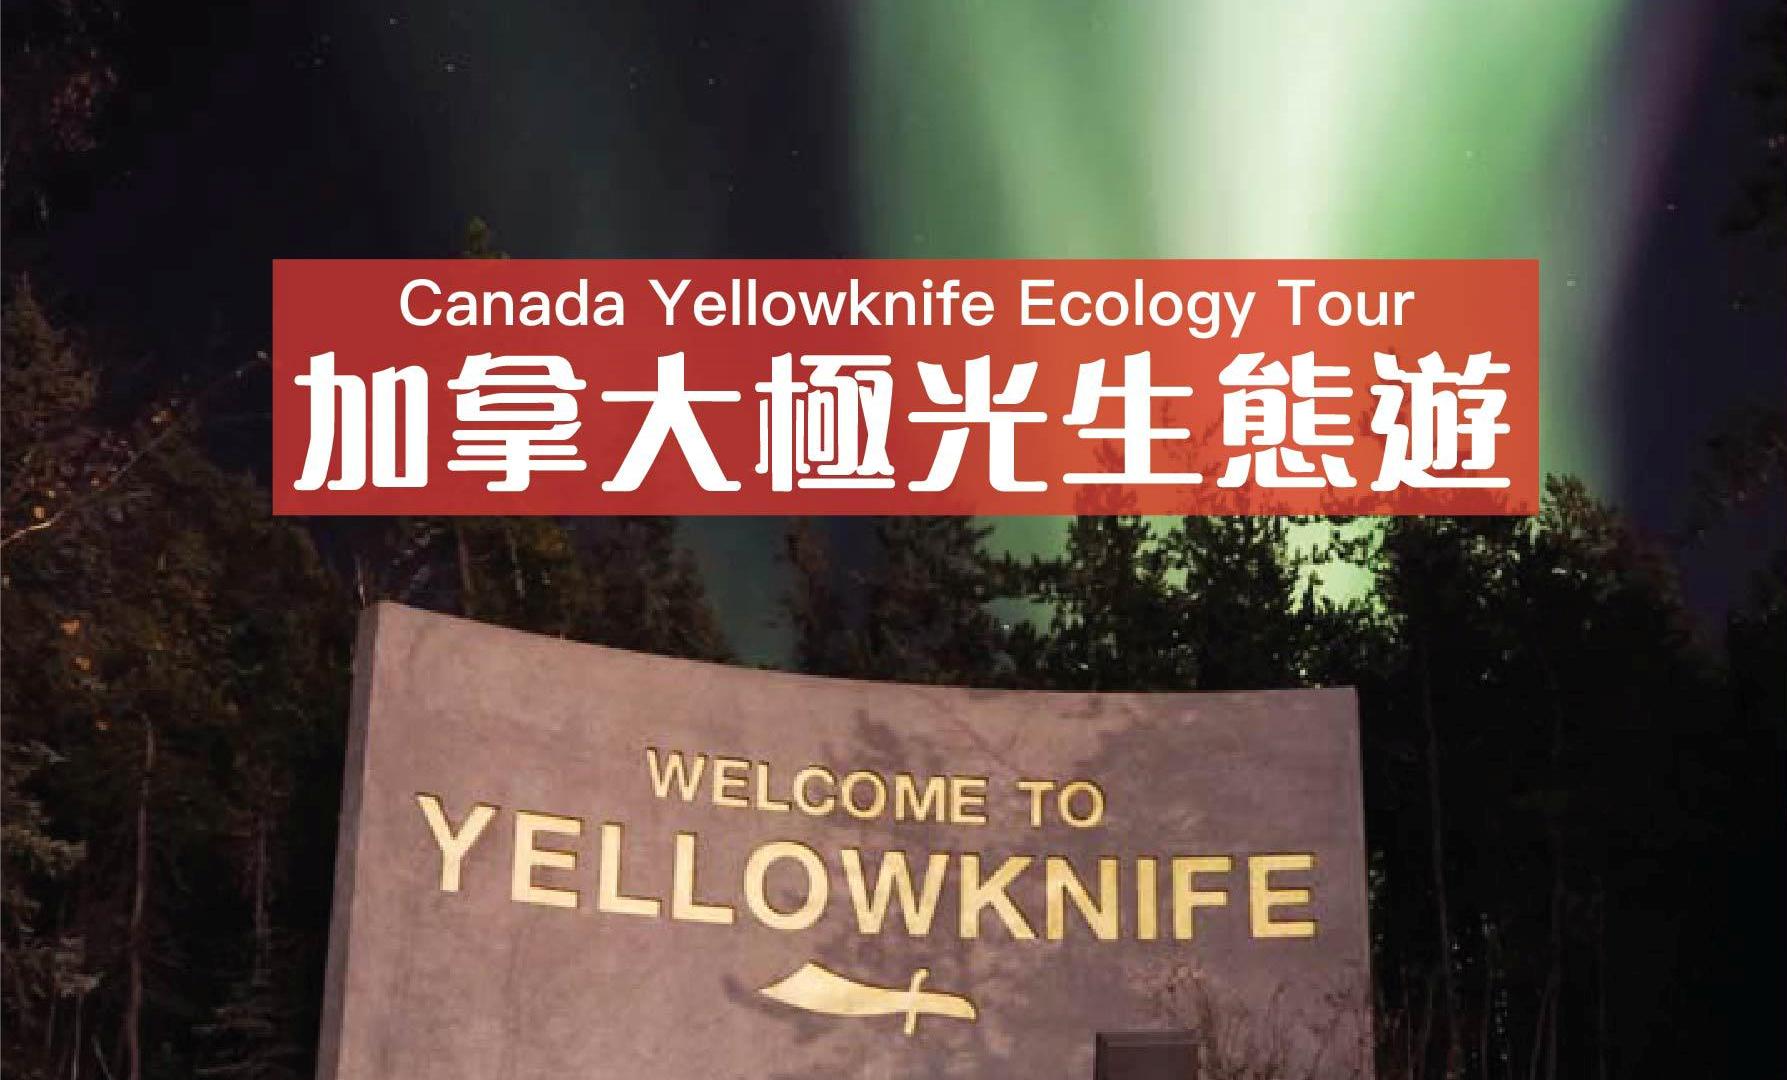 CanadaBooklet_Layout07V01-20.png